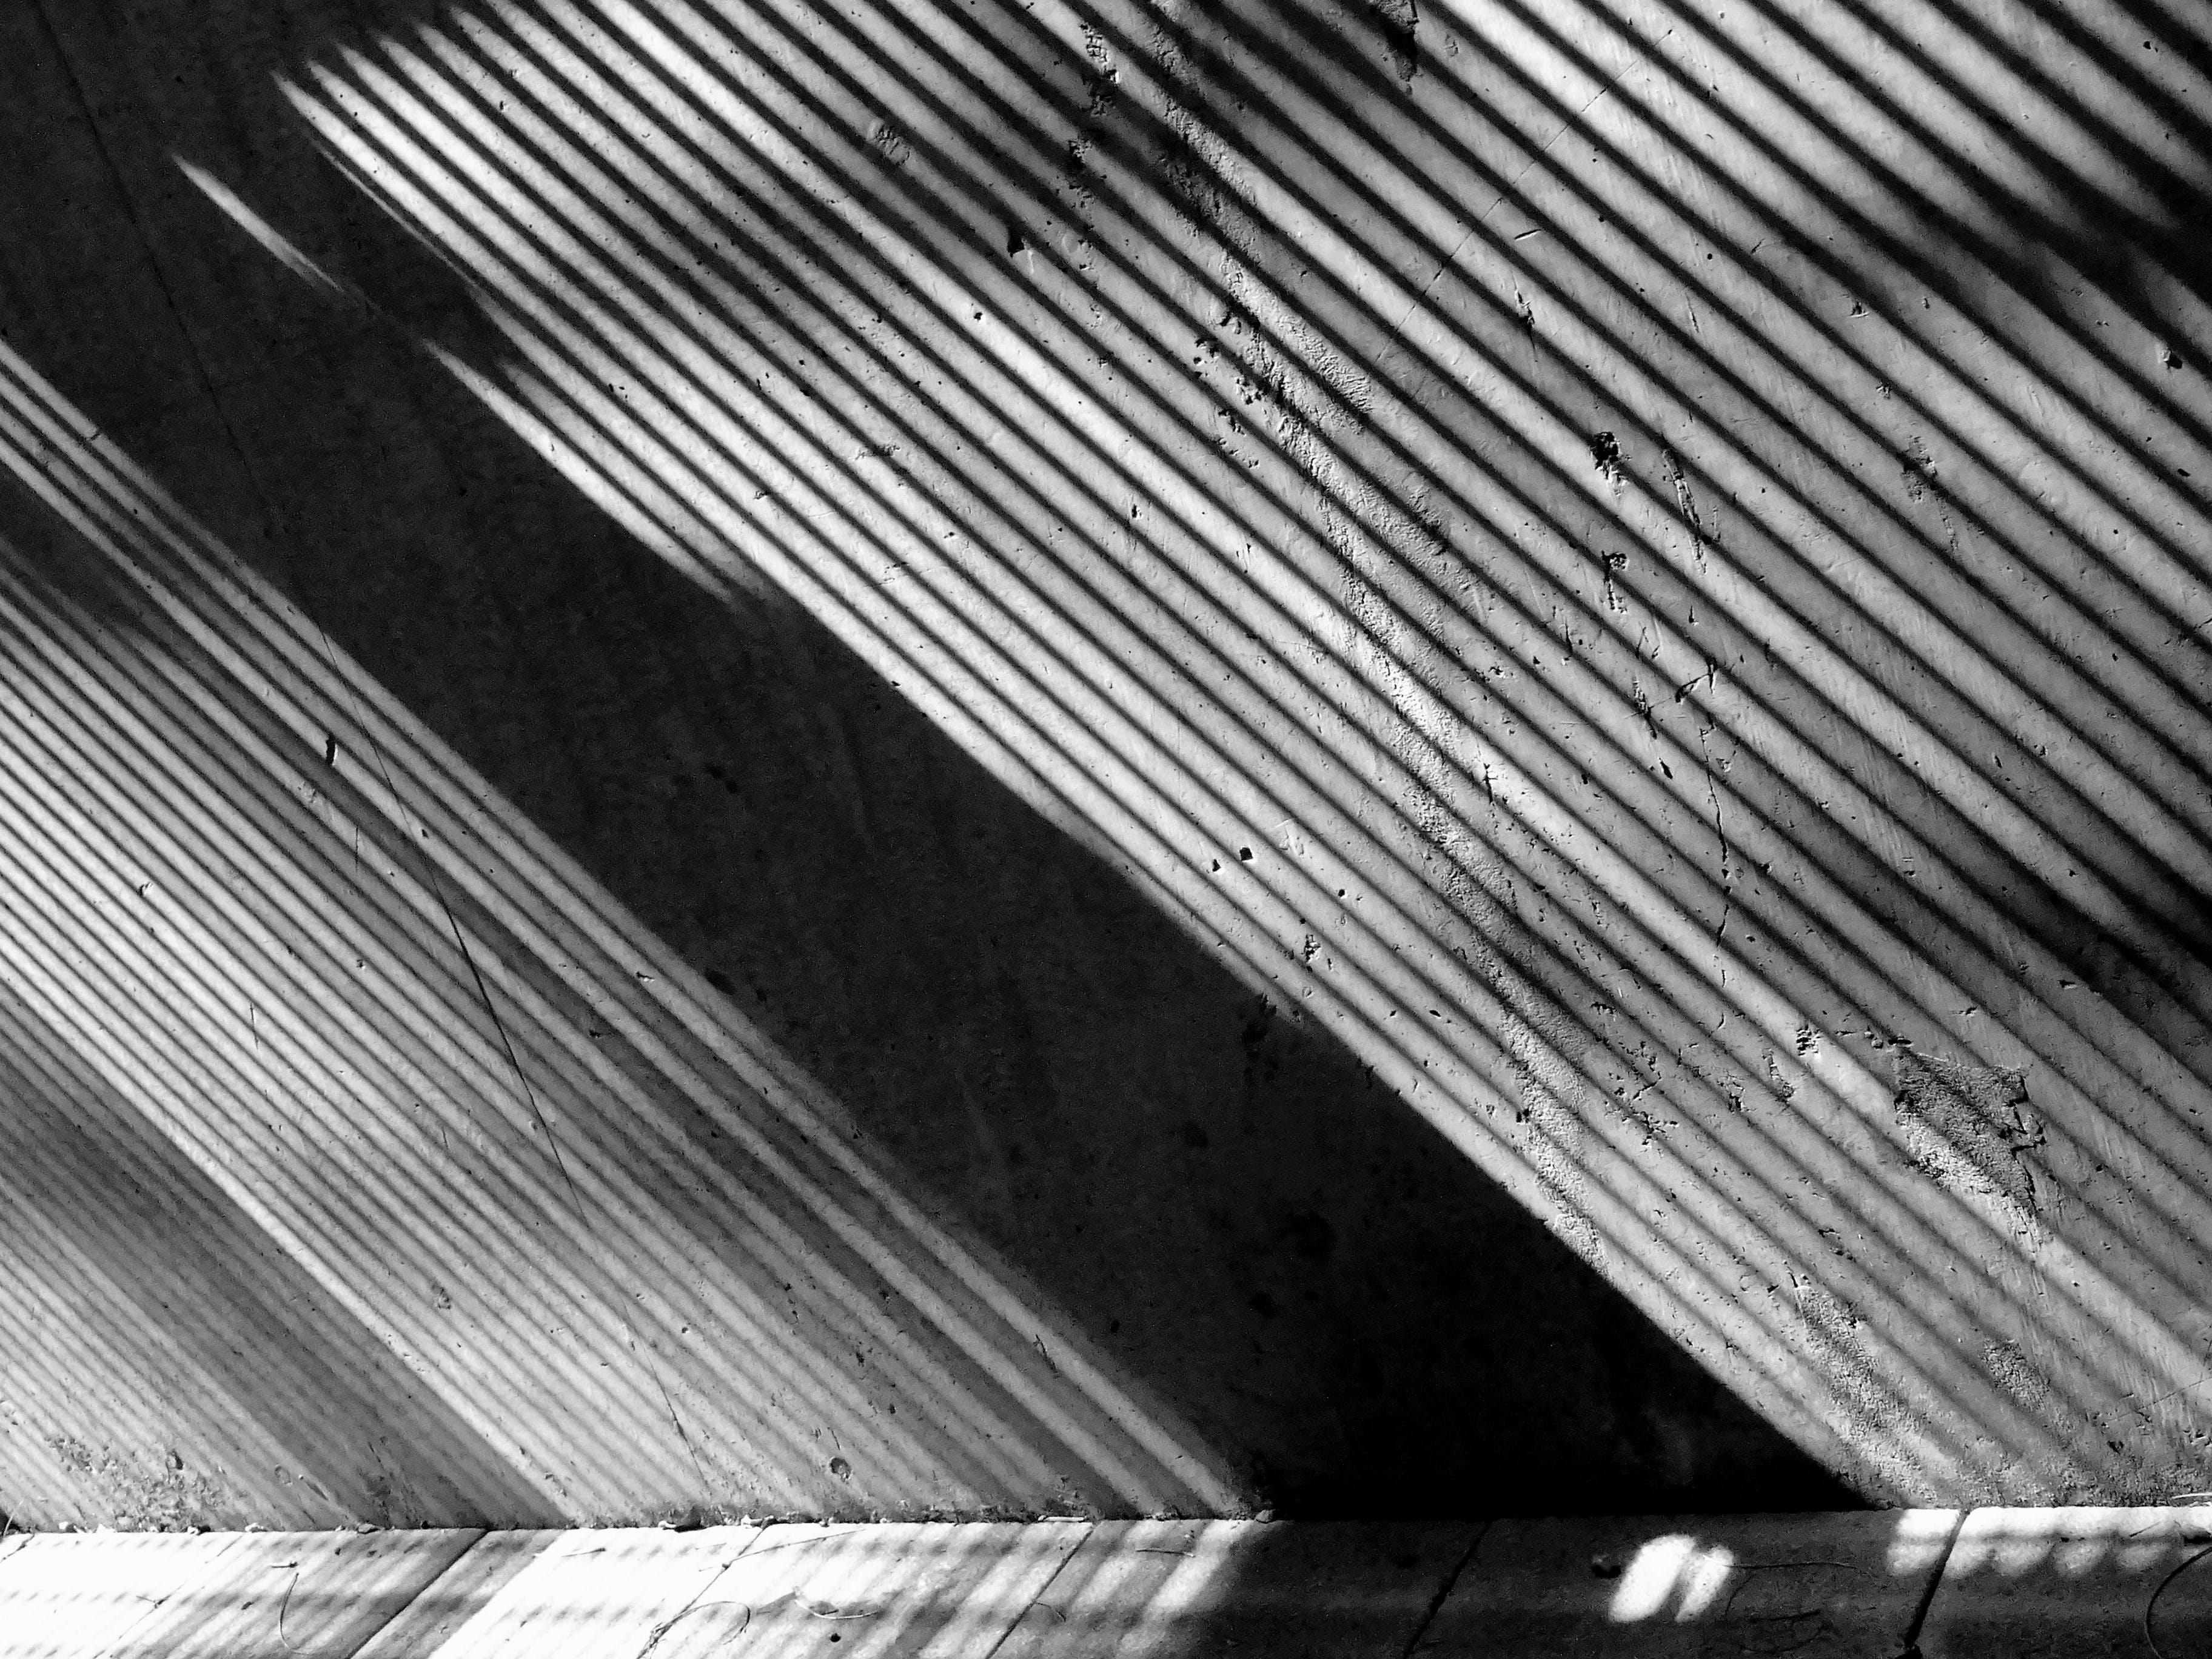 Kostenloses Stock Foto zu beton, mauer, schwarz und weiß, sonnenlicht